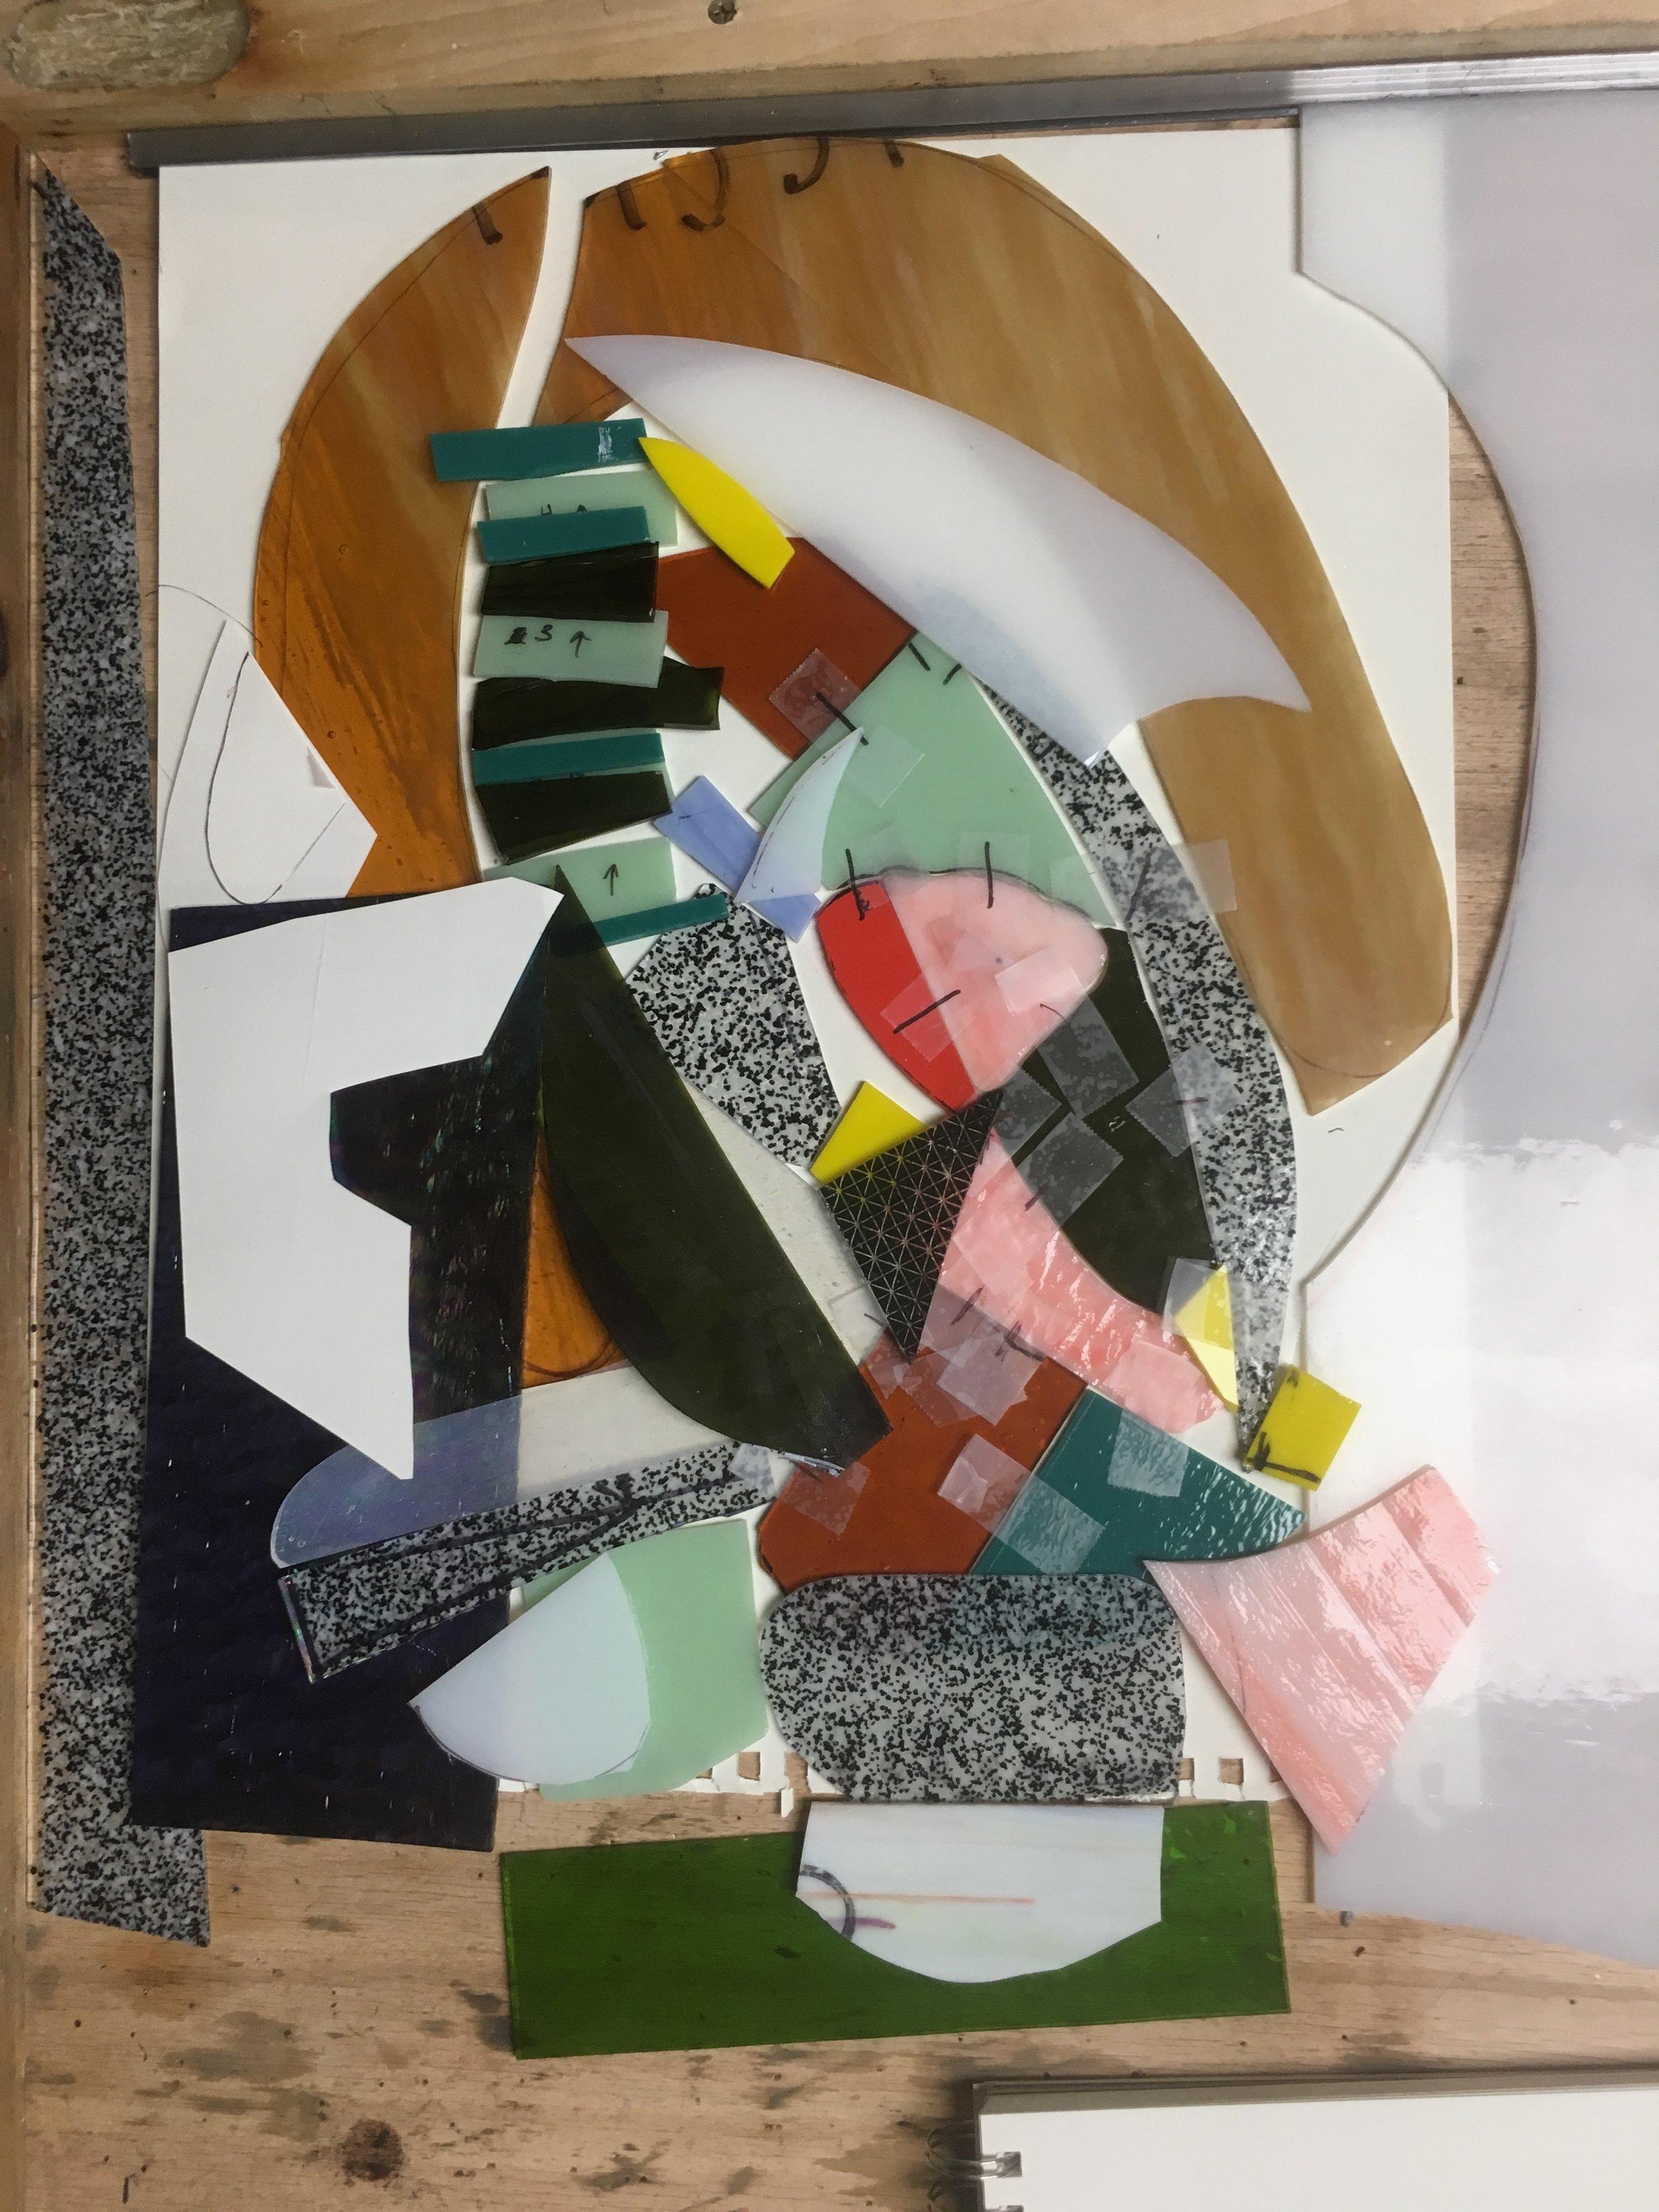 Kerbi.Urbanowski.Stained.Glass.WIP.JPG